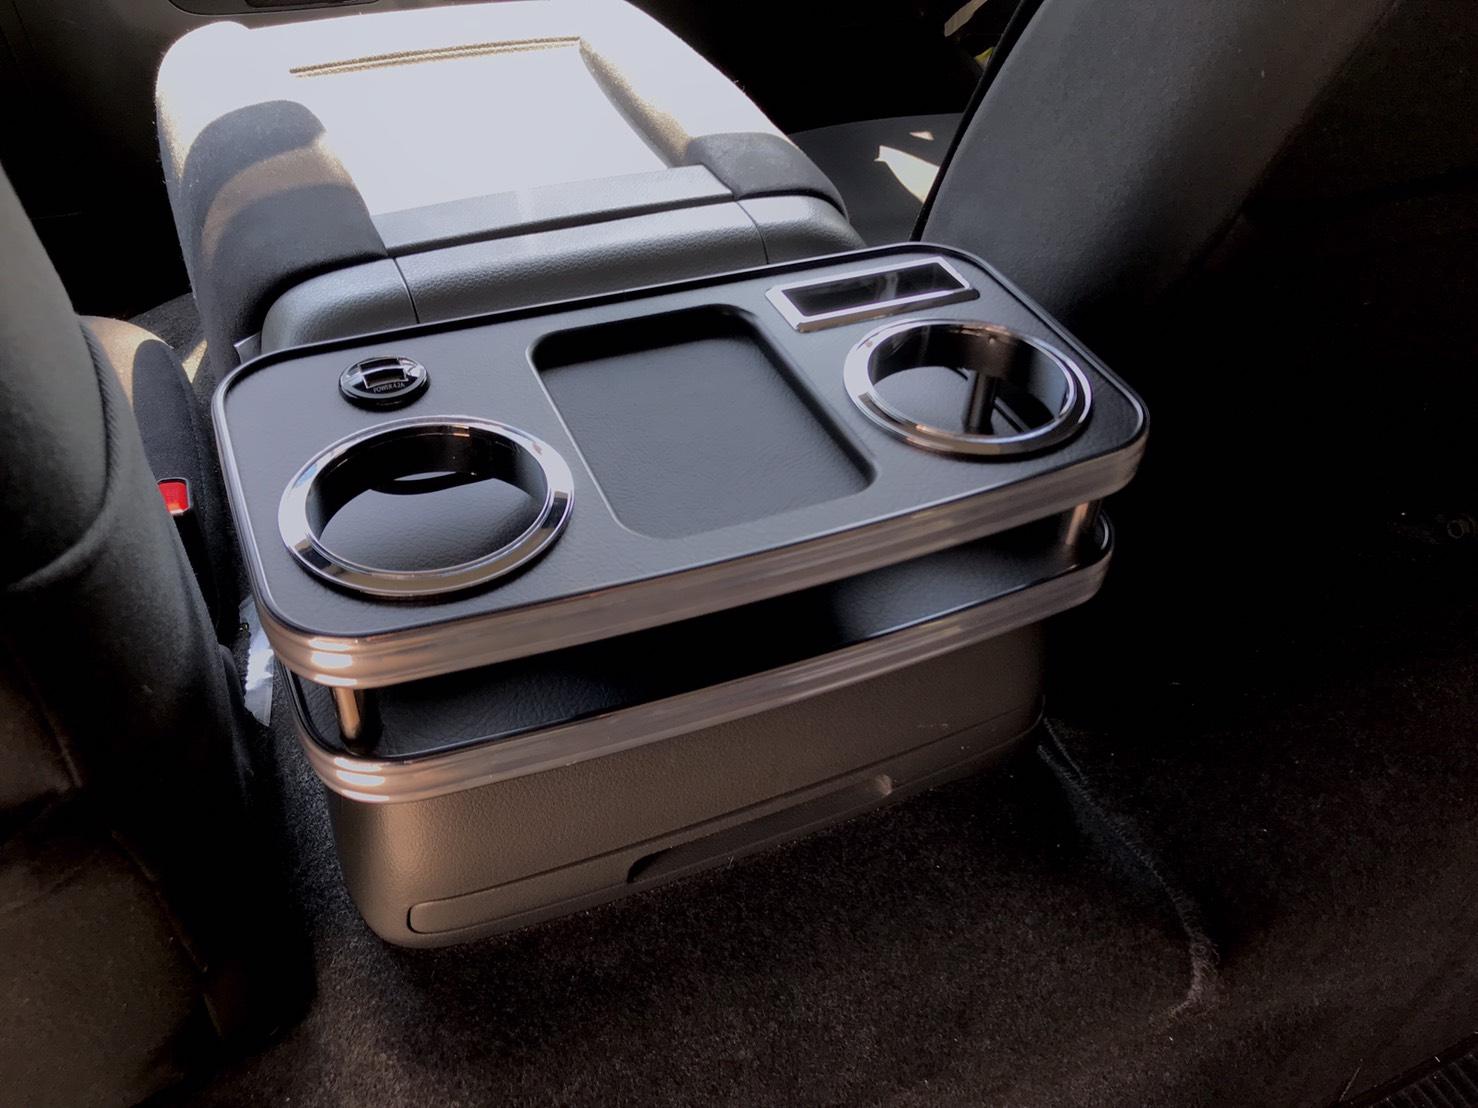 BUSSELL USB急速充電ポート付き セカンド(コンソール後側)センターコンソールテーブル NV350キャラバン(前期/後期 2WD/4WD共通)